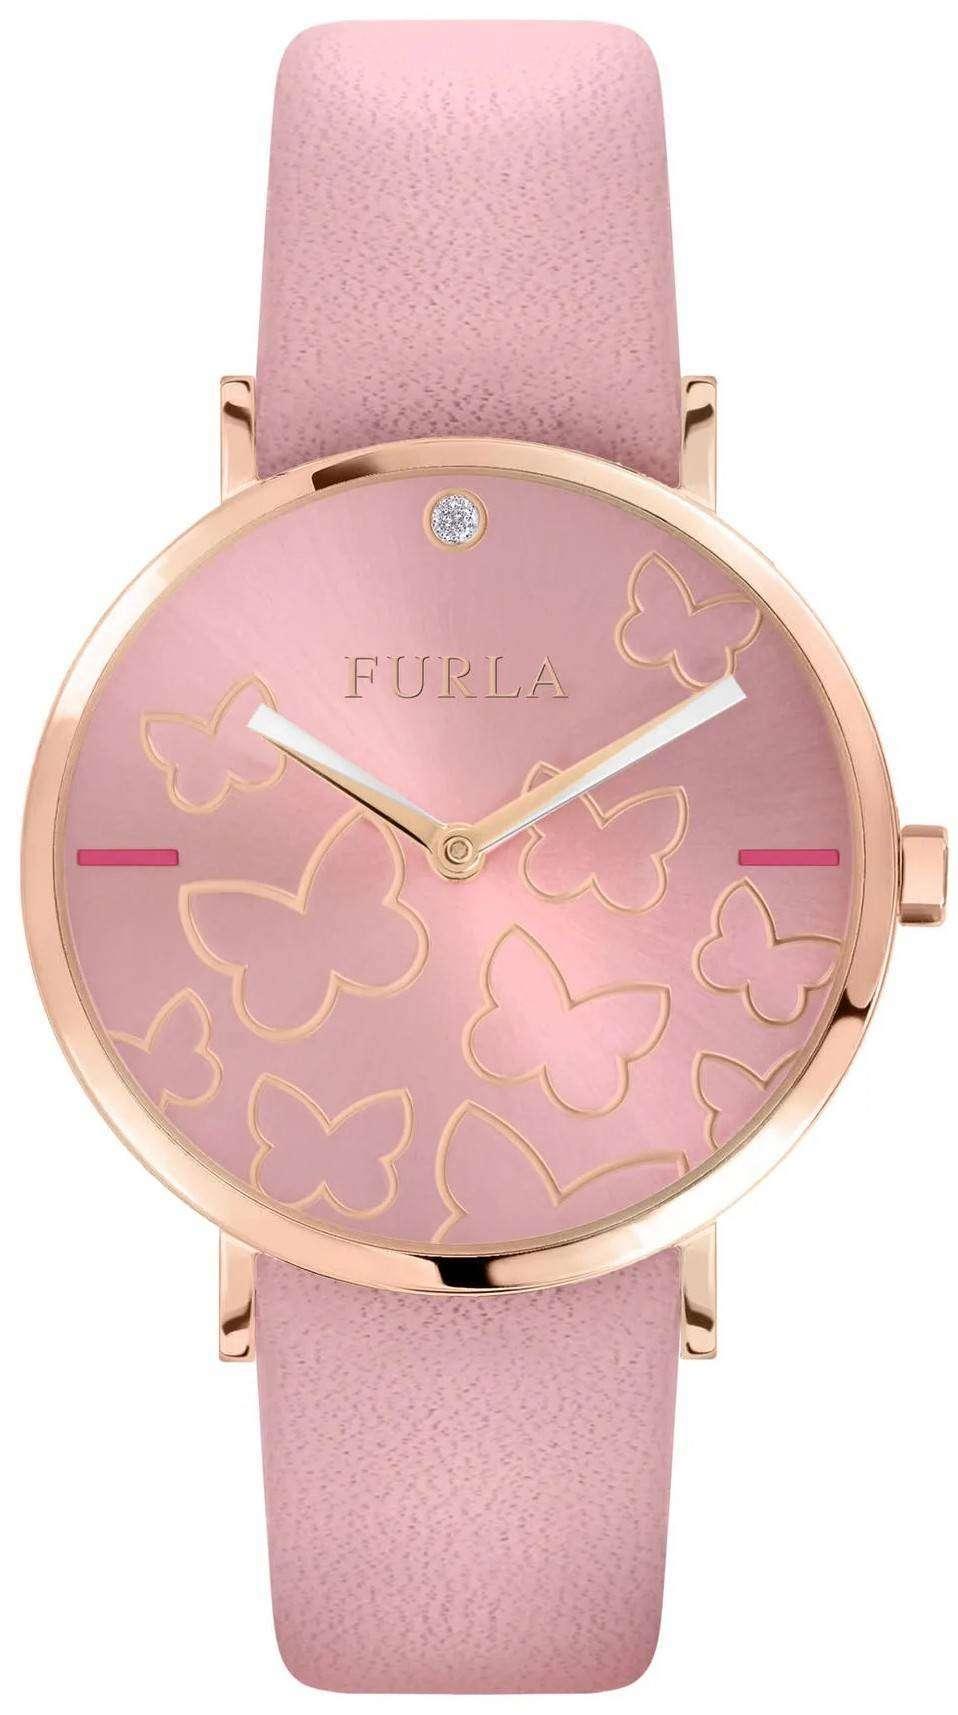 フルラ Giada 蝶 R4251113512 クォーツ レディース腕時計